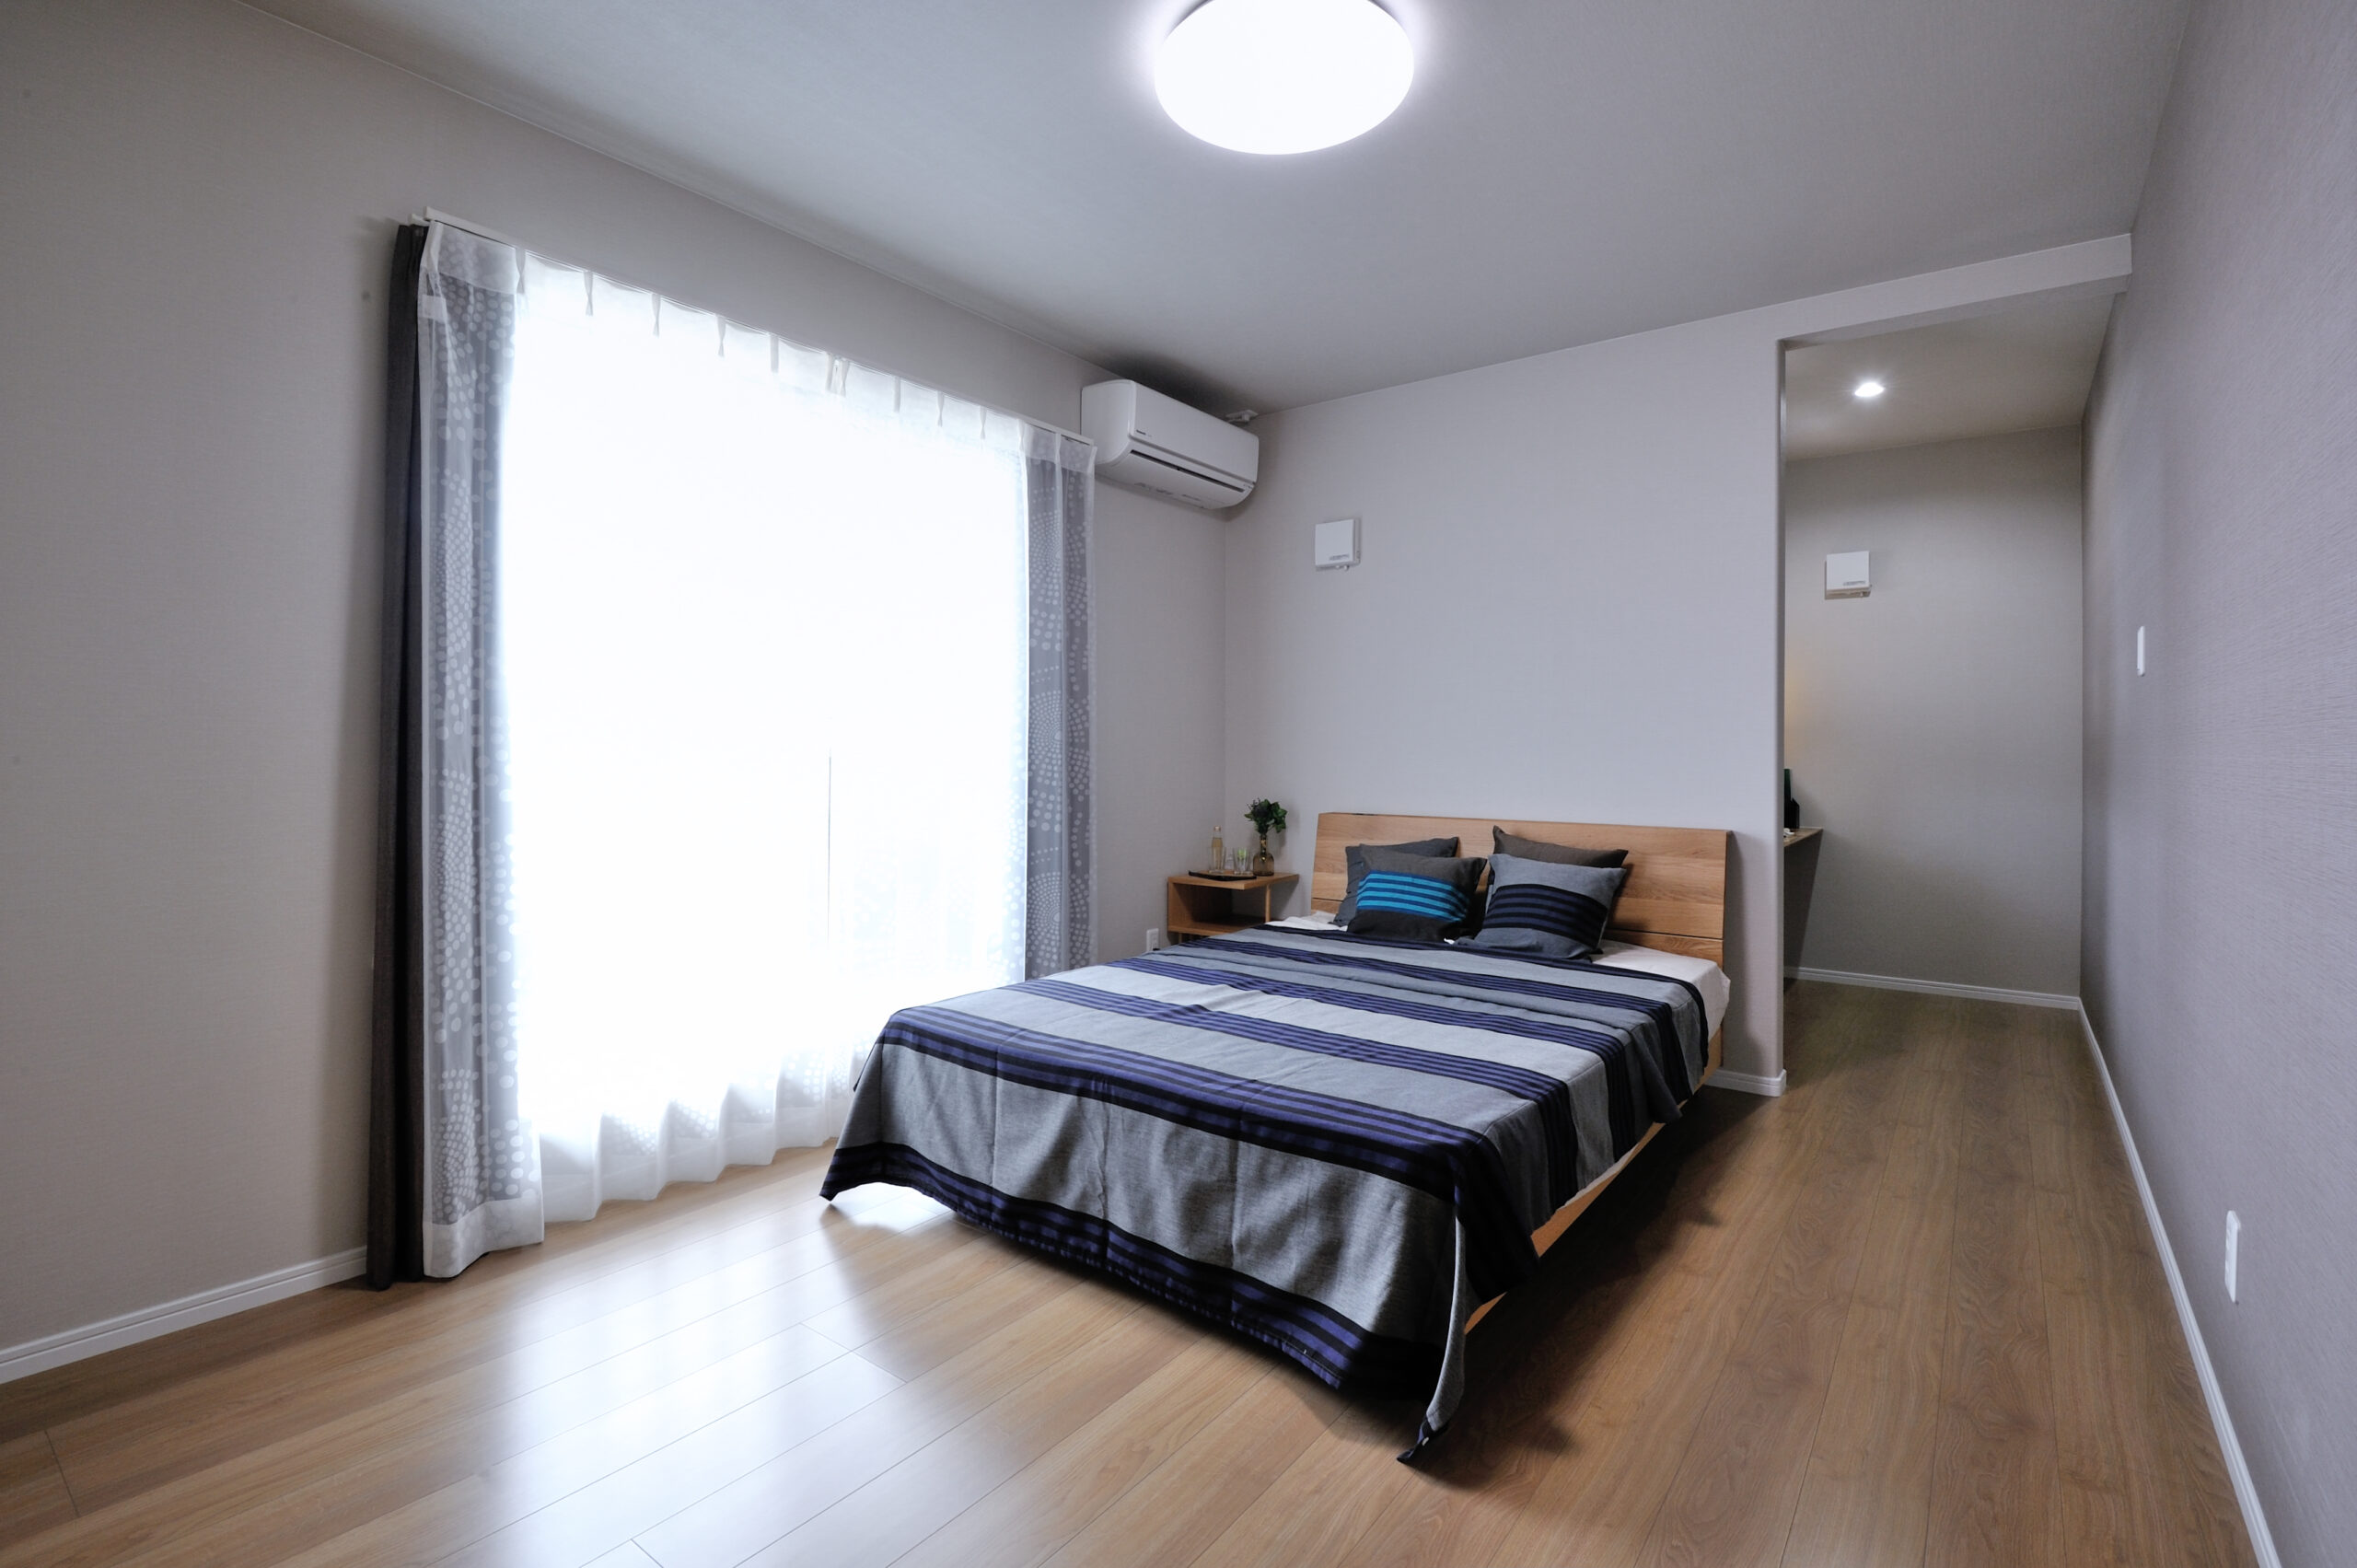 暖かな光が差すお家 寝室